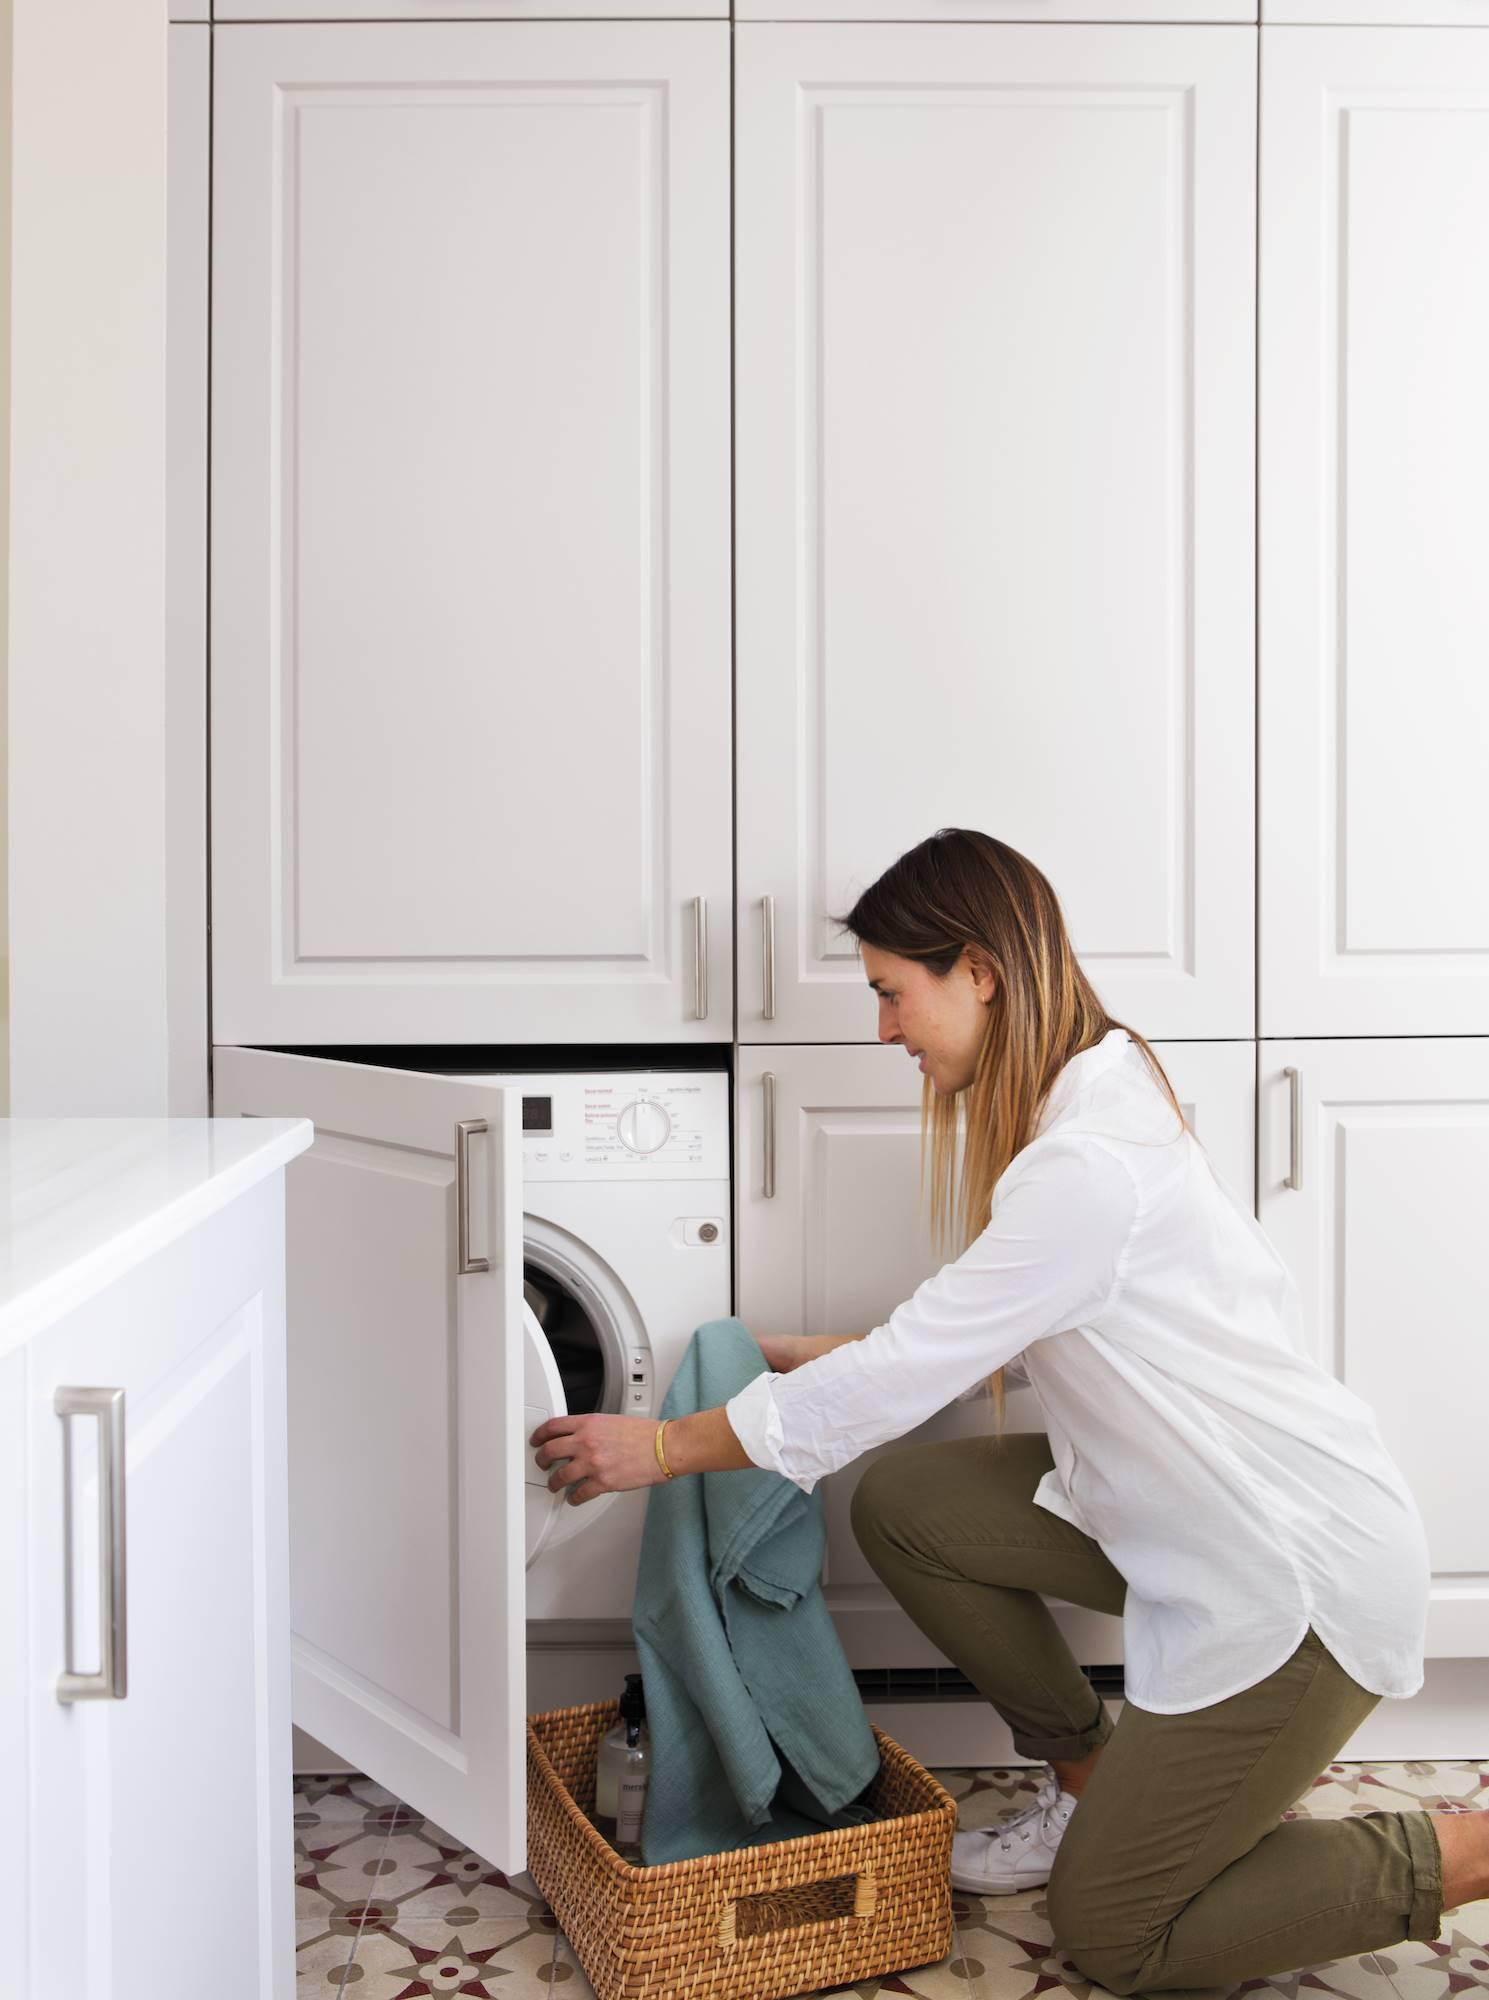 Qu hago si no tengo lavadero en casa - Lavadora en la cocina ...